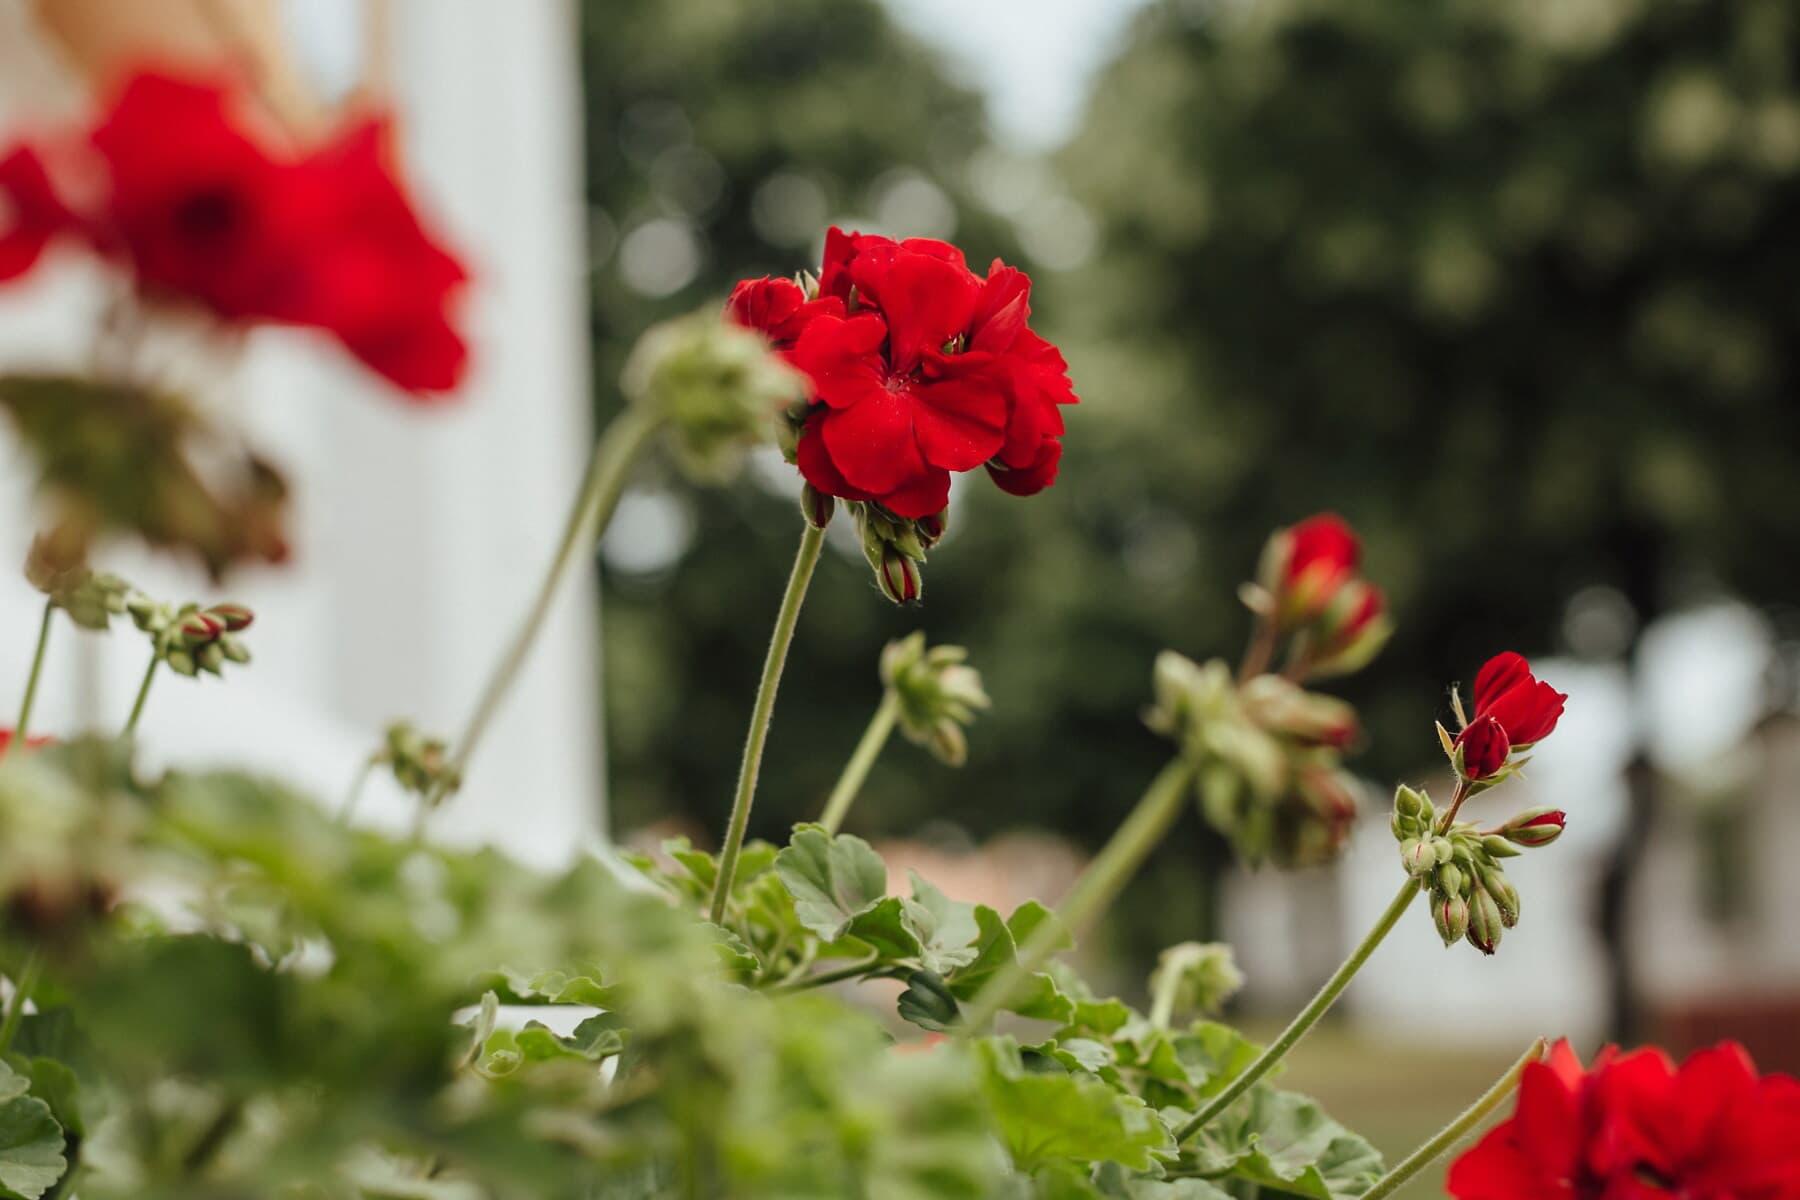 géranium, rougeâtre, horticulture, pot de fleurs, feuilles vertes, fleur, herbe, pétale, plante, flore